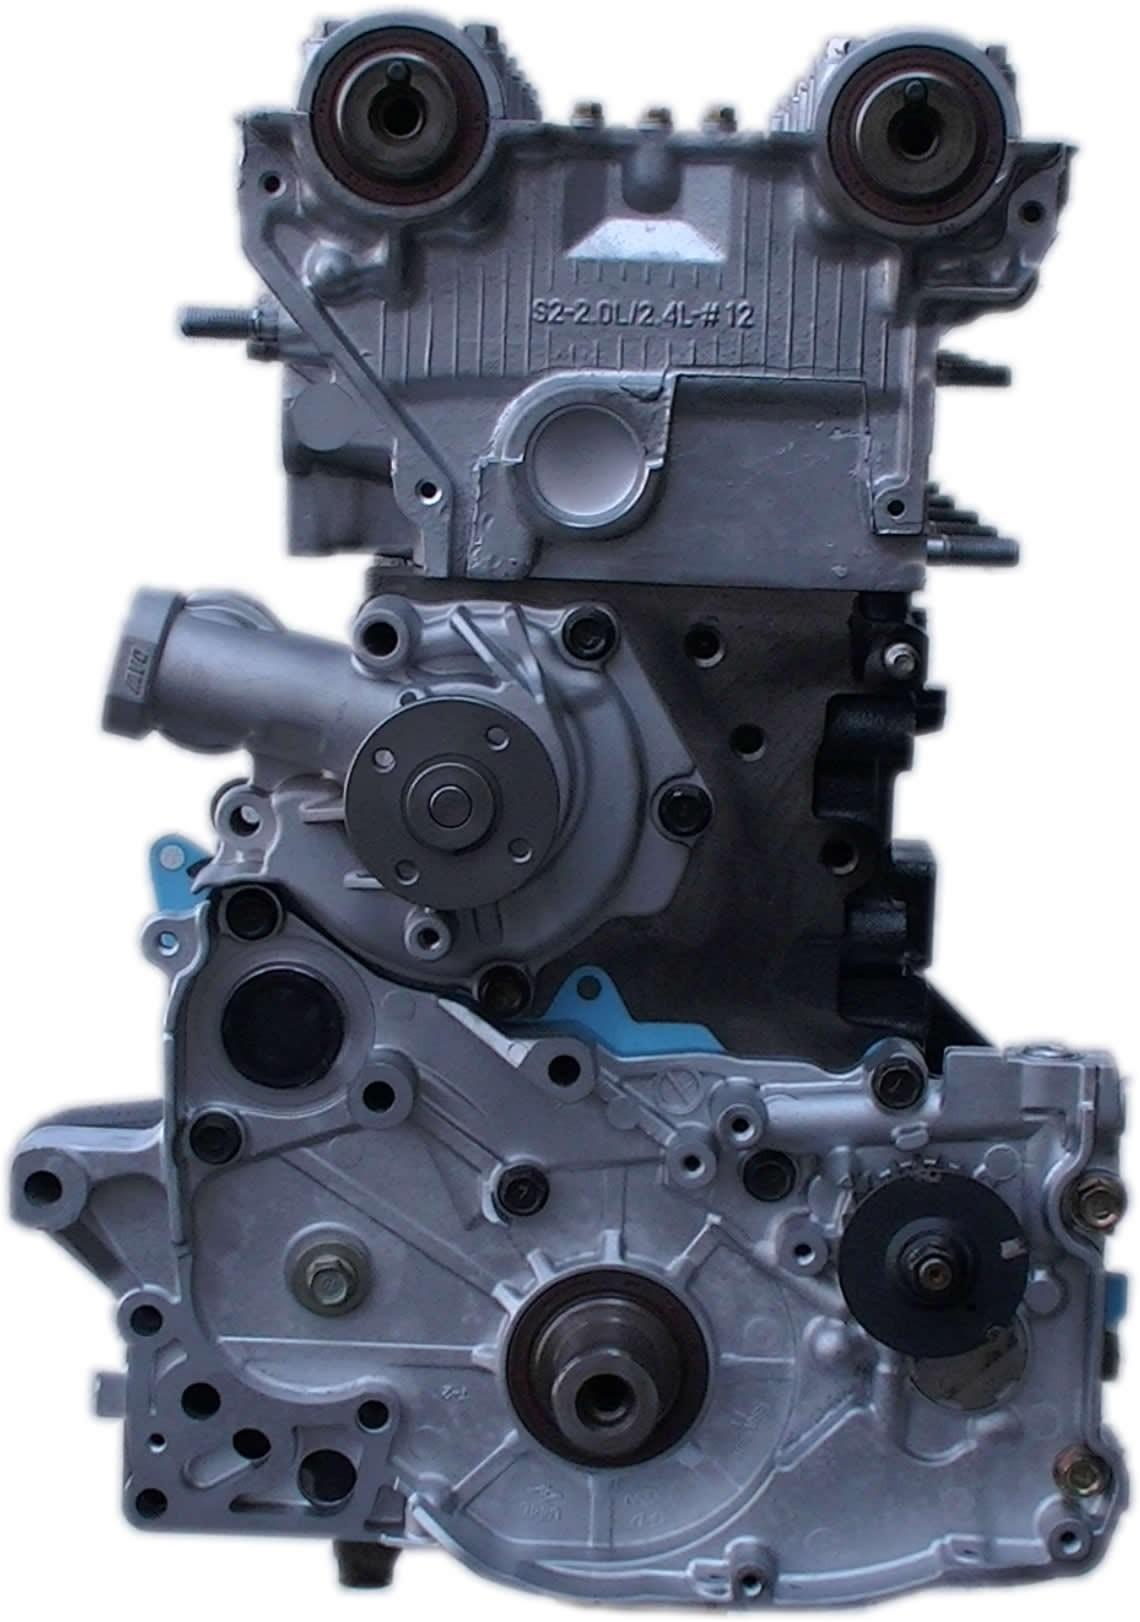 Rebuilt 01-05 Hyundai Santa Fe 4cyl 2.4L DOHC Engine « Kar ...